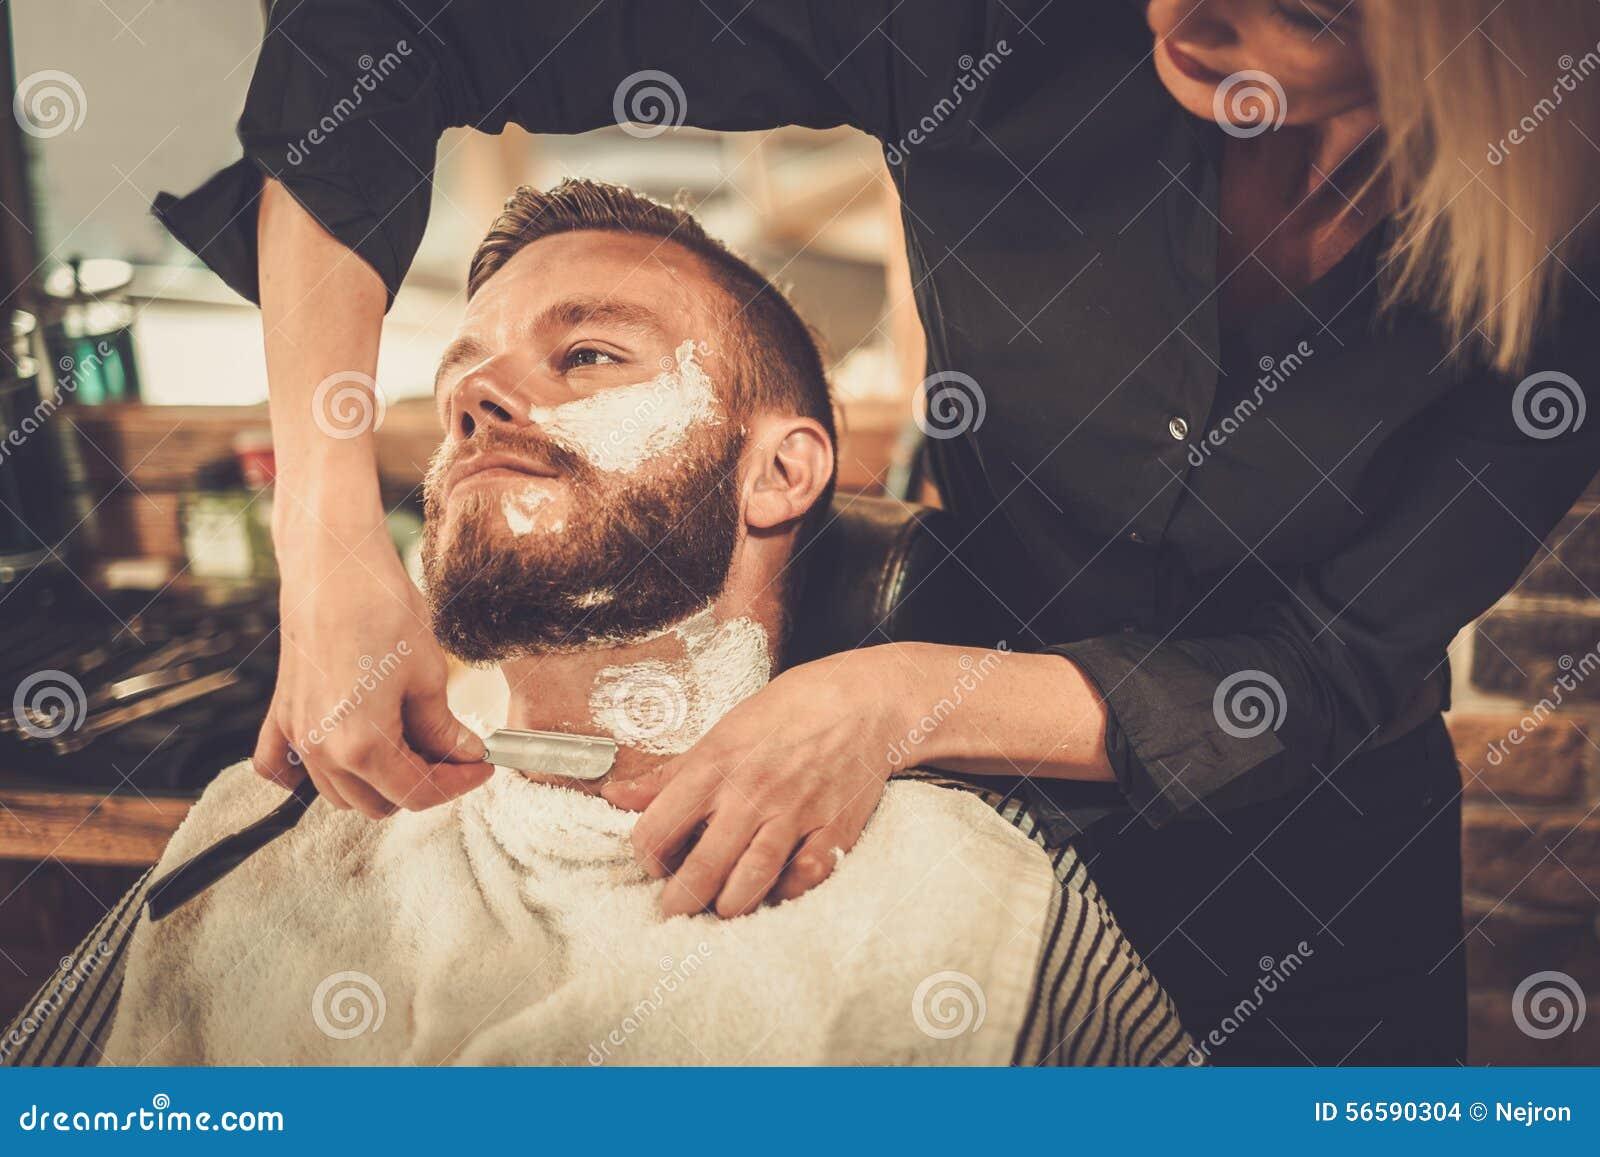 client in barber shop stock photo image 56590304. Black Bedroom Furniture Sets. Home Design Ideas